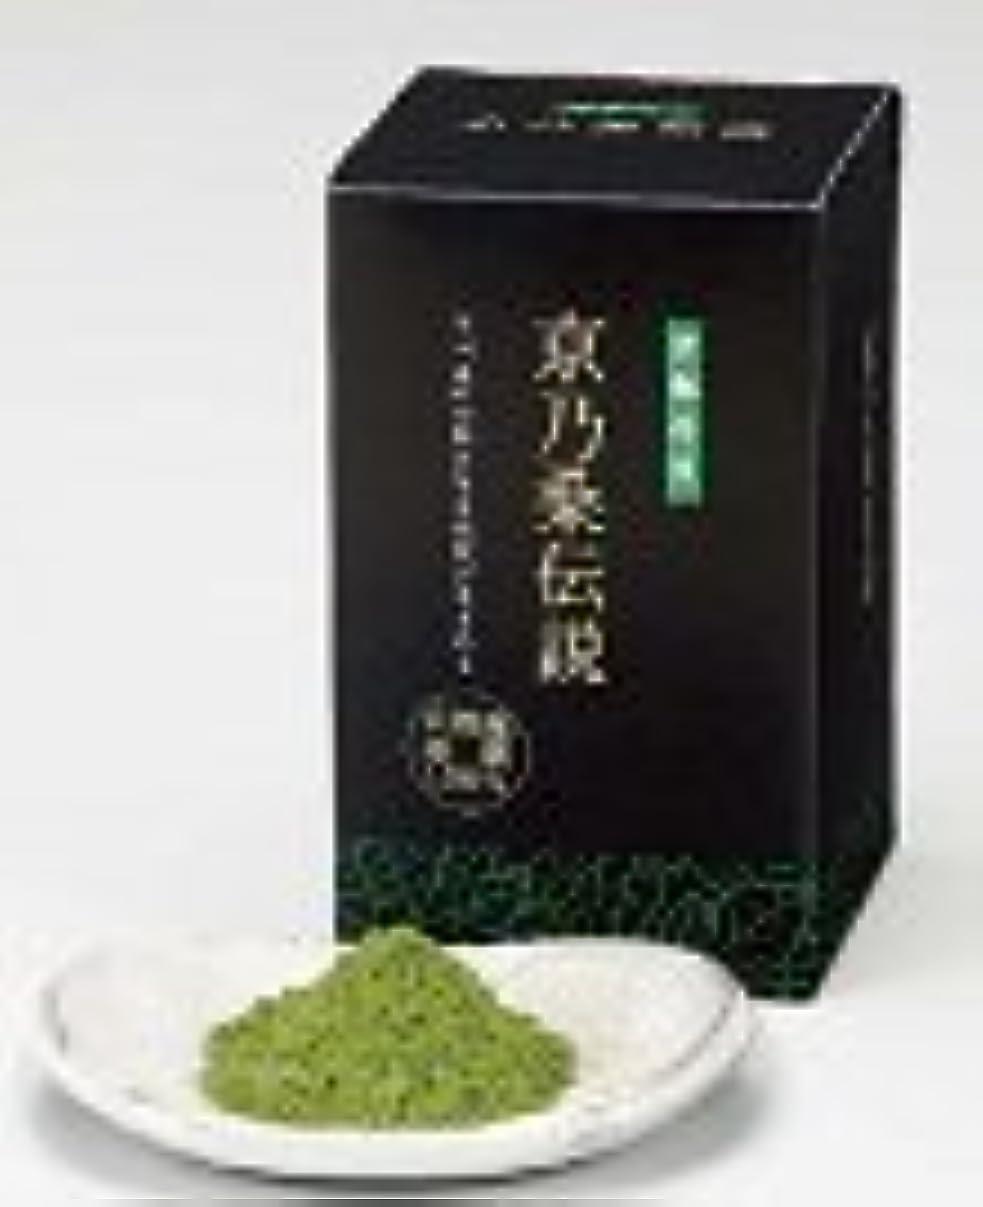 パワーセルエミュレーション施設京乃桑伝説(桑の葉粉茶、青汁)30袋入り 2箱まとめ買い